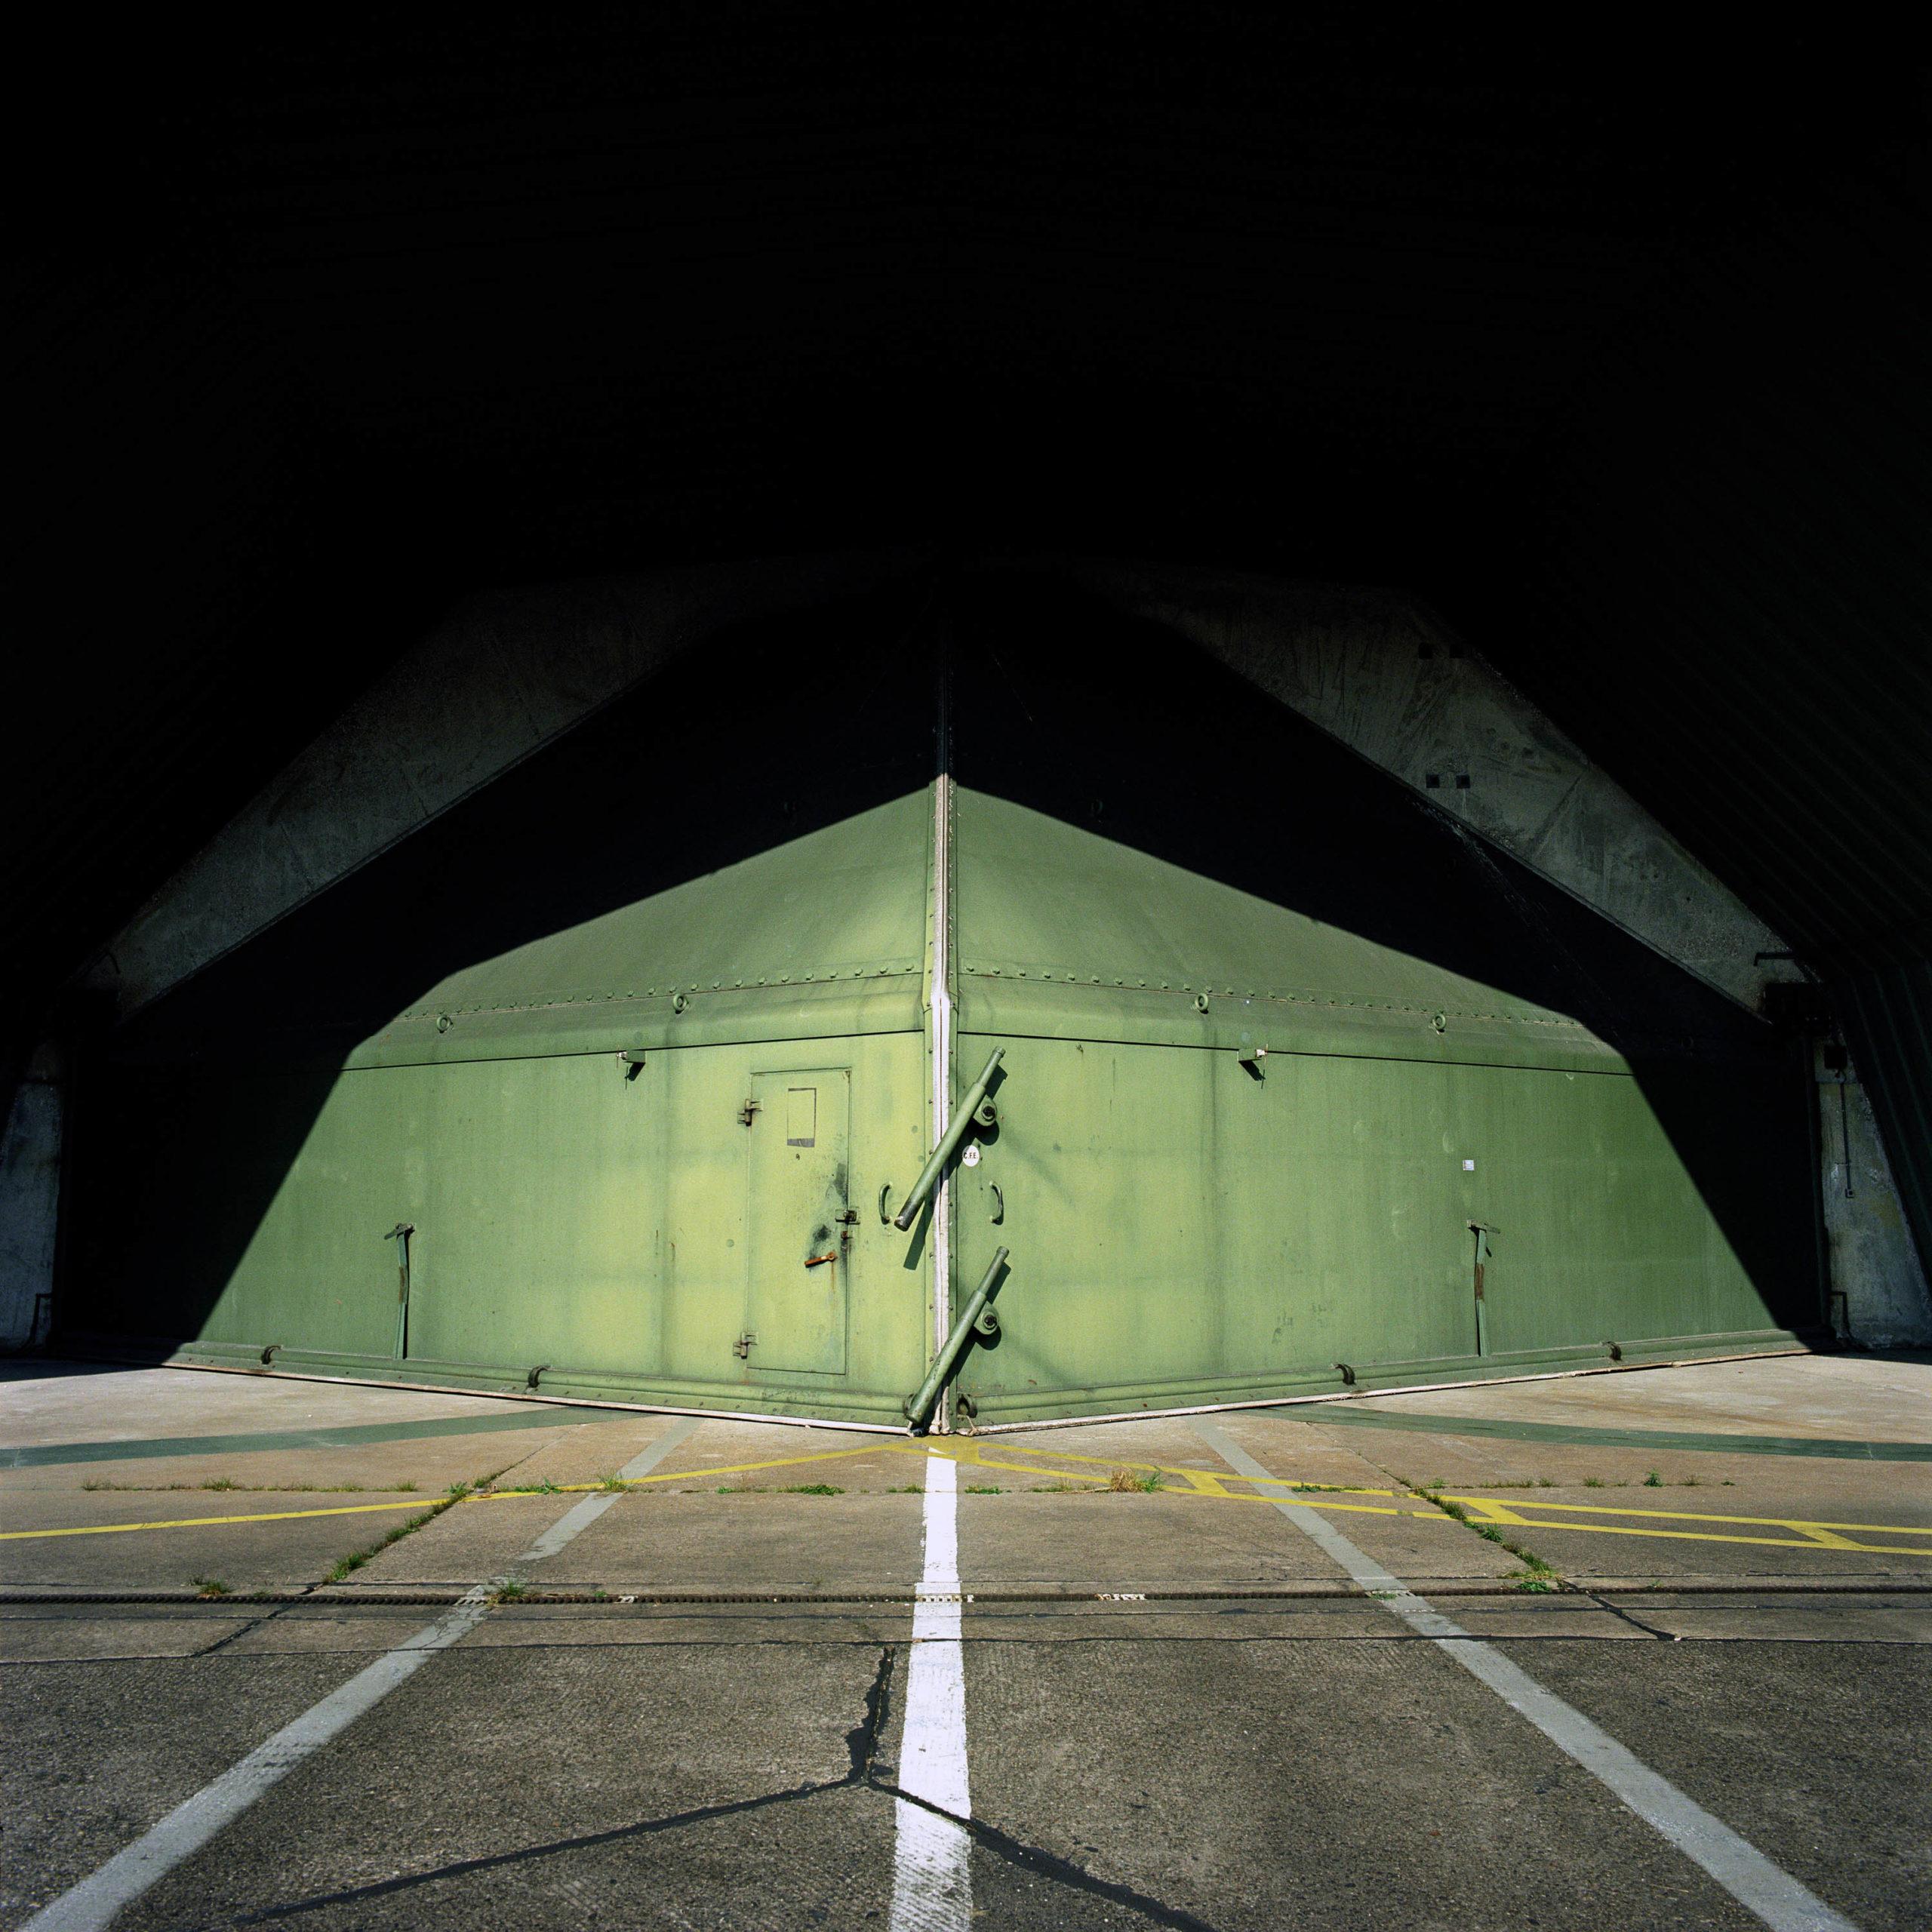 Germany. Airplane shelter at British Royal Air Force base